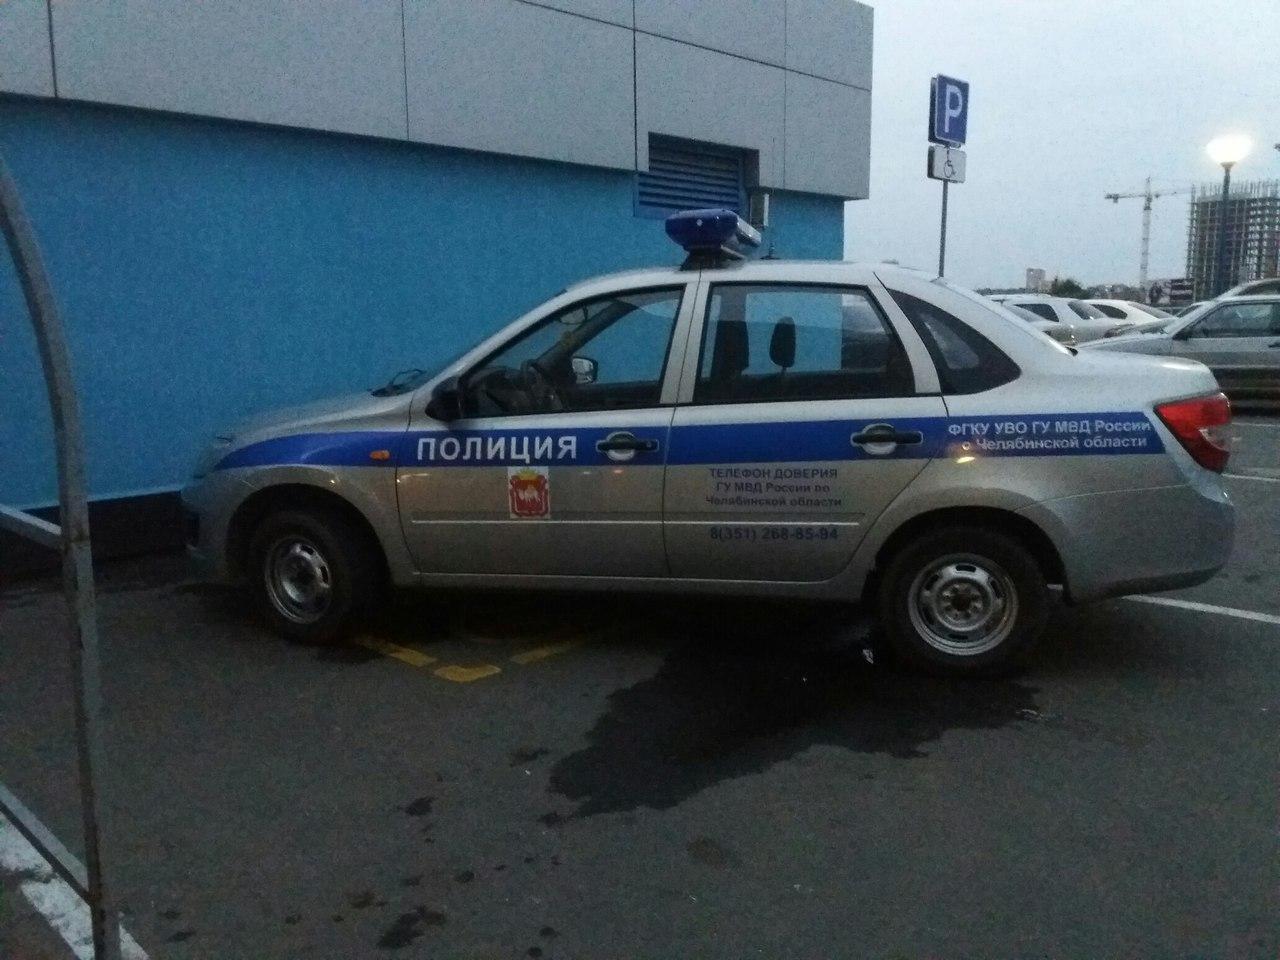 По мнению депутатов, многодетные семьи должны иметь возможность припарковаться вблизи социально з